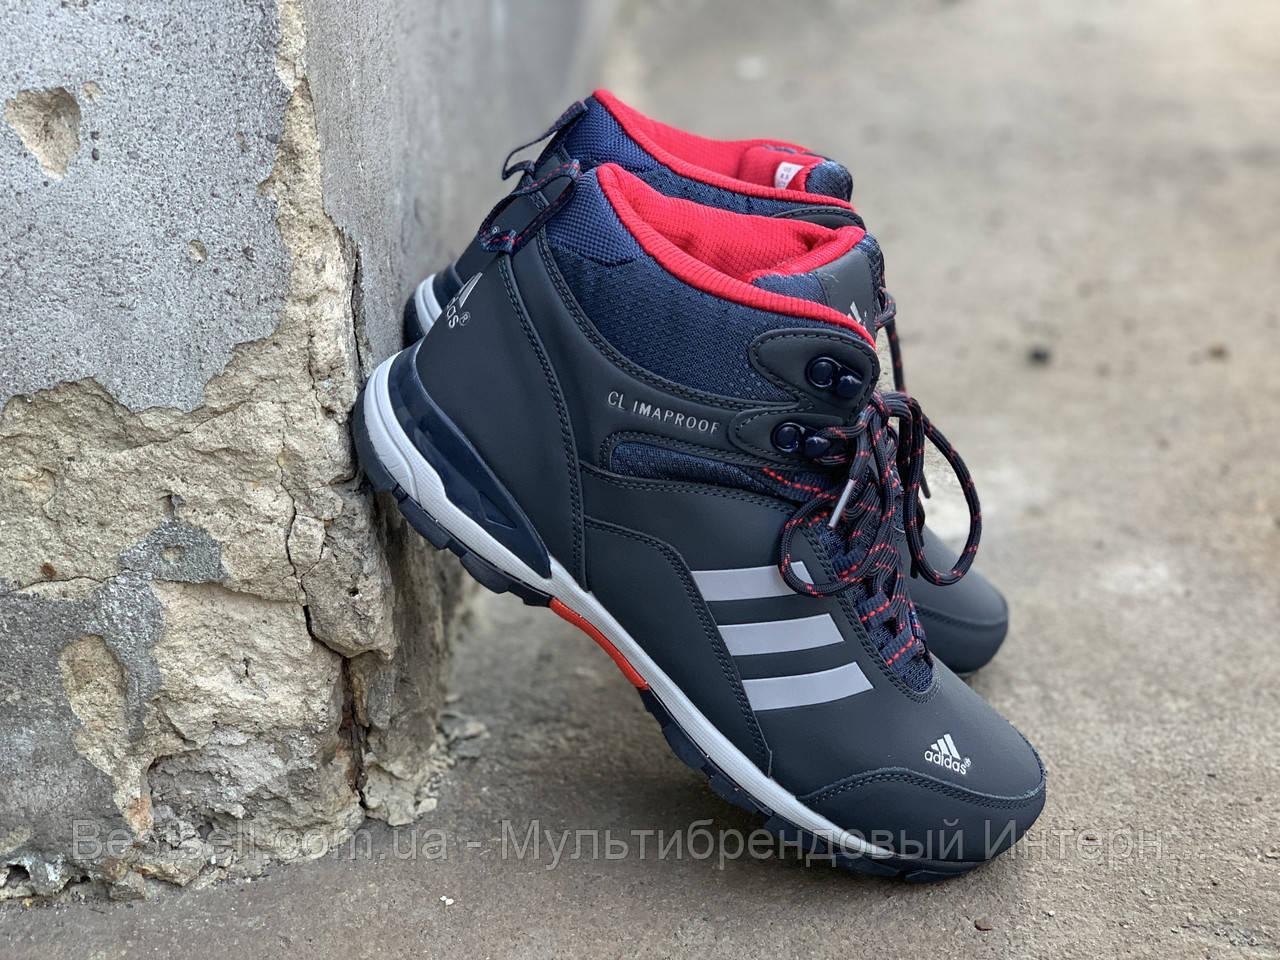 Зимние ботинки (на меху) Adidas Climaproof  3-072 ⏩ [ 41 последний размер ]